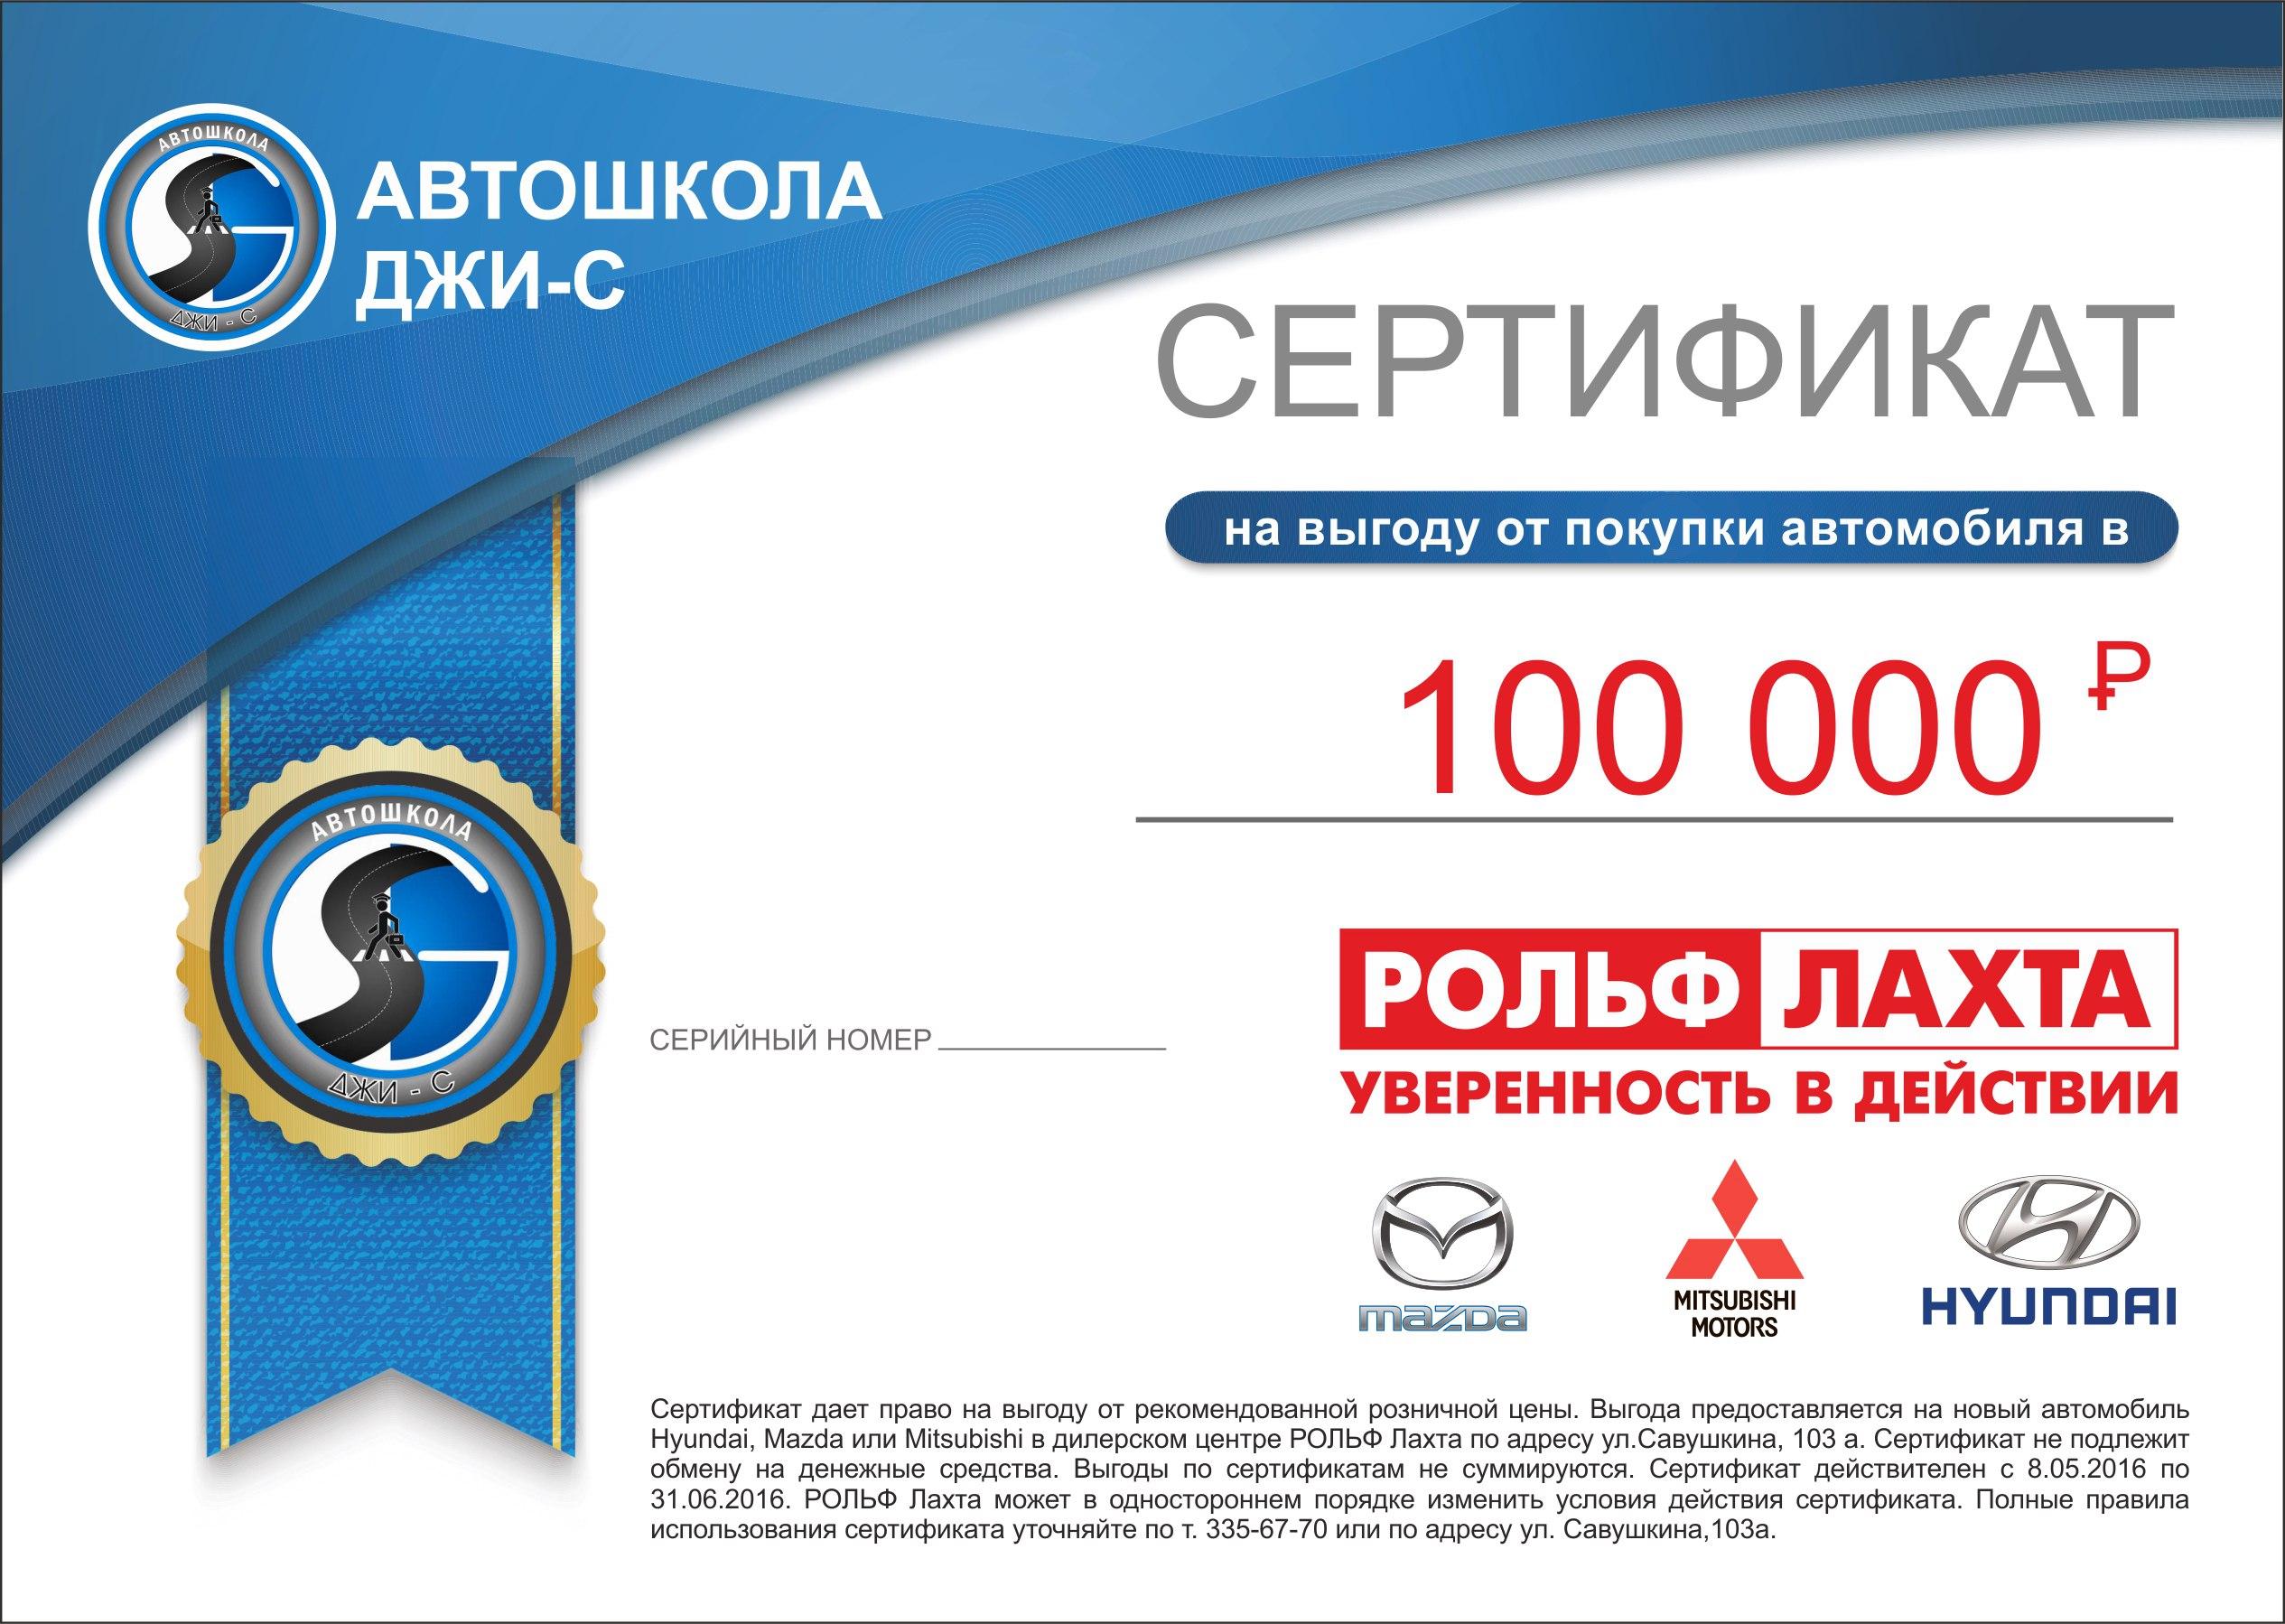 Автошкола приморского района объявляет акцию